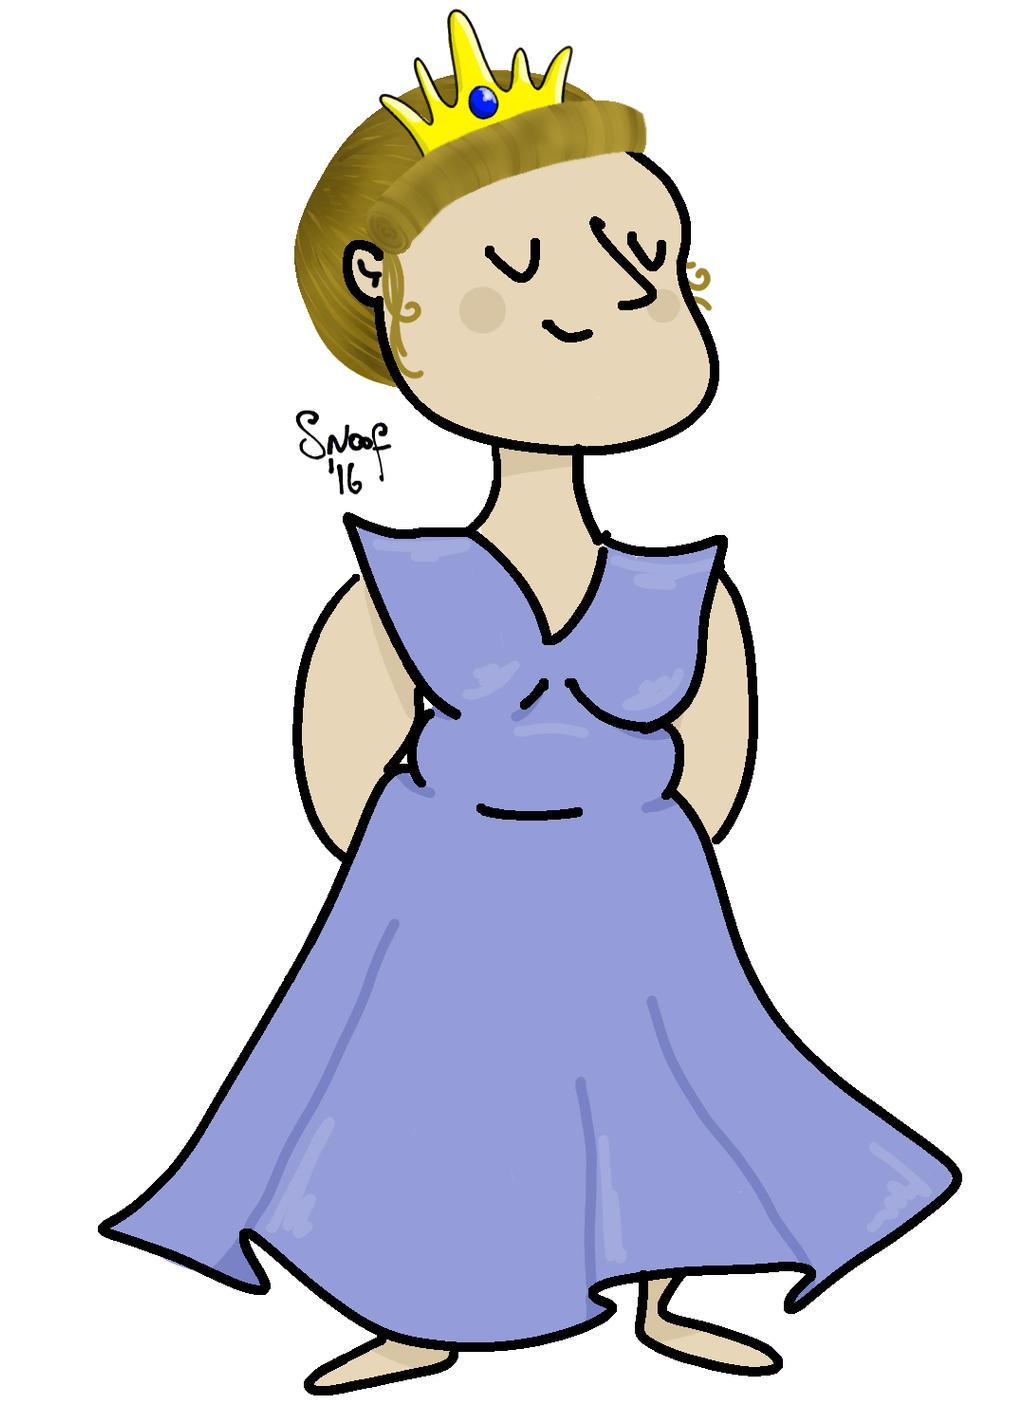 Smug Princess by kipplesnoof